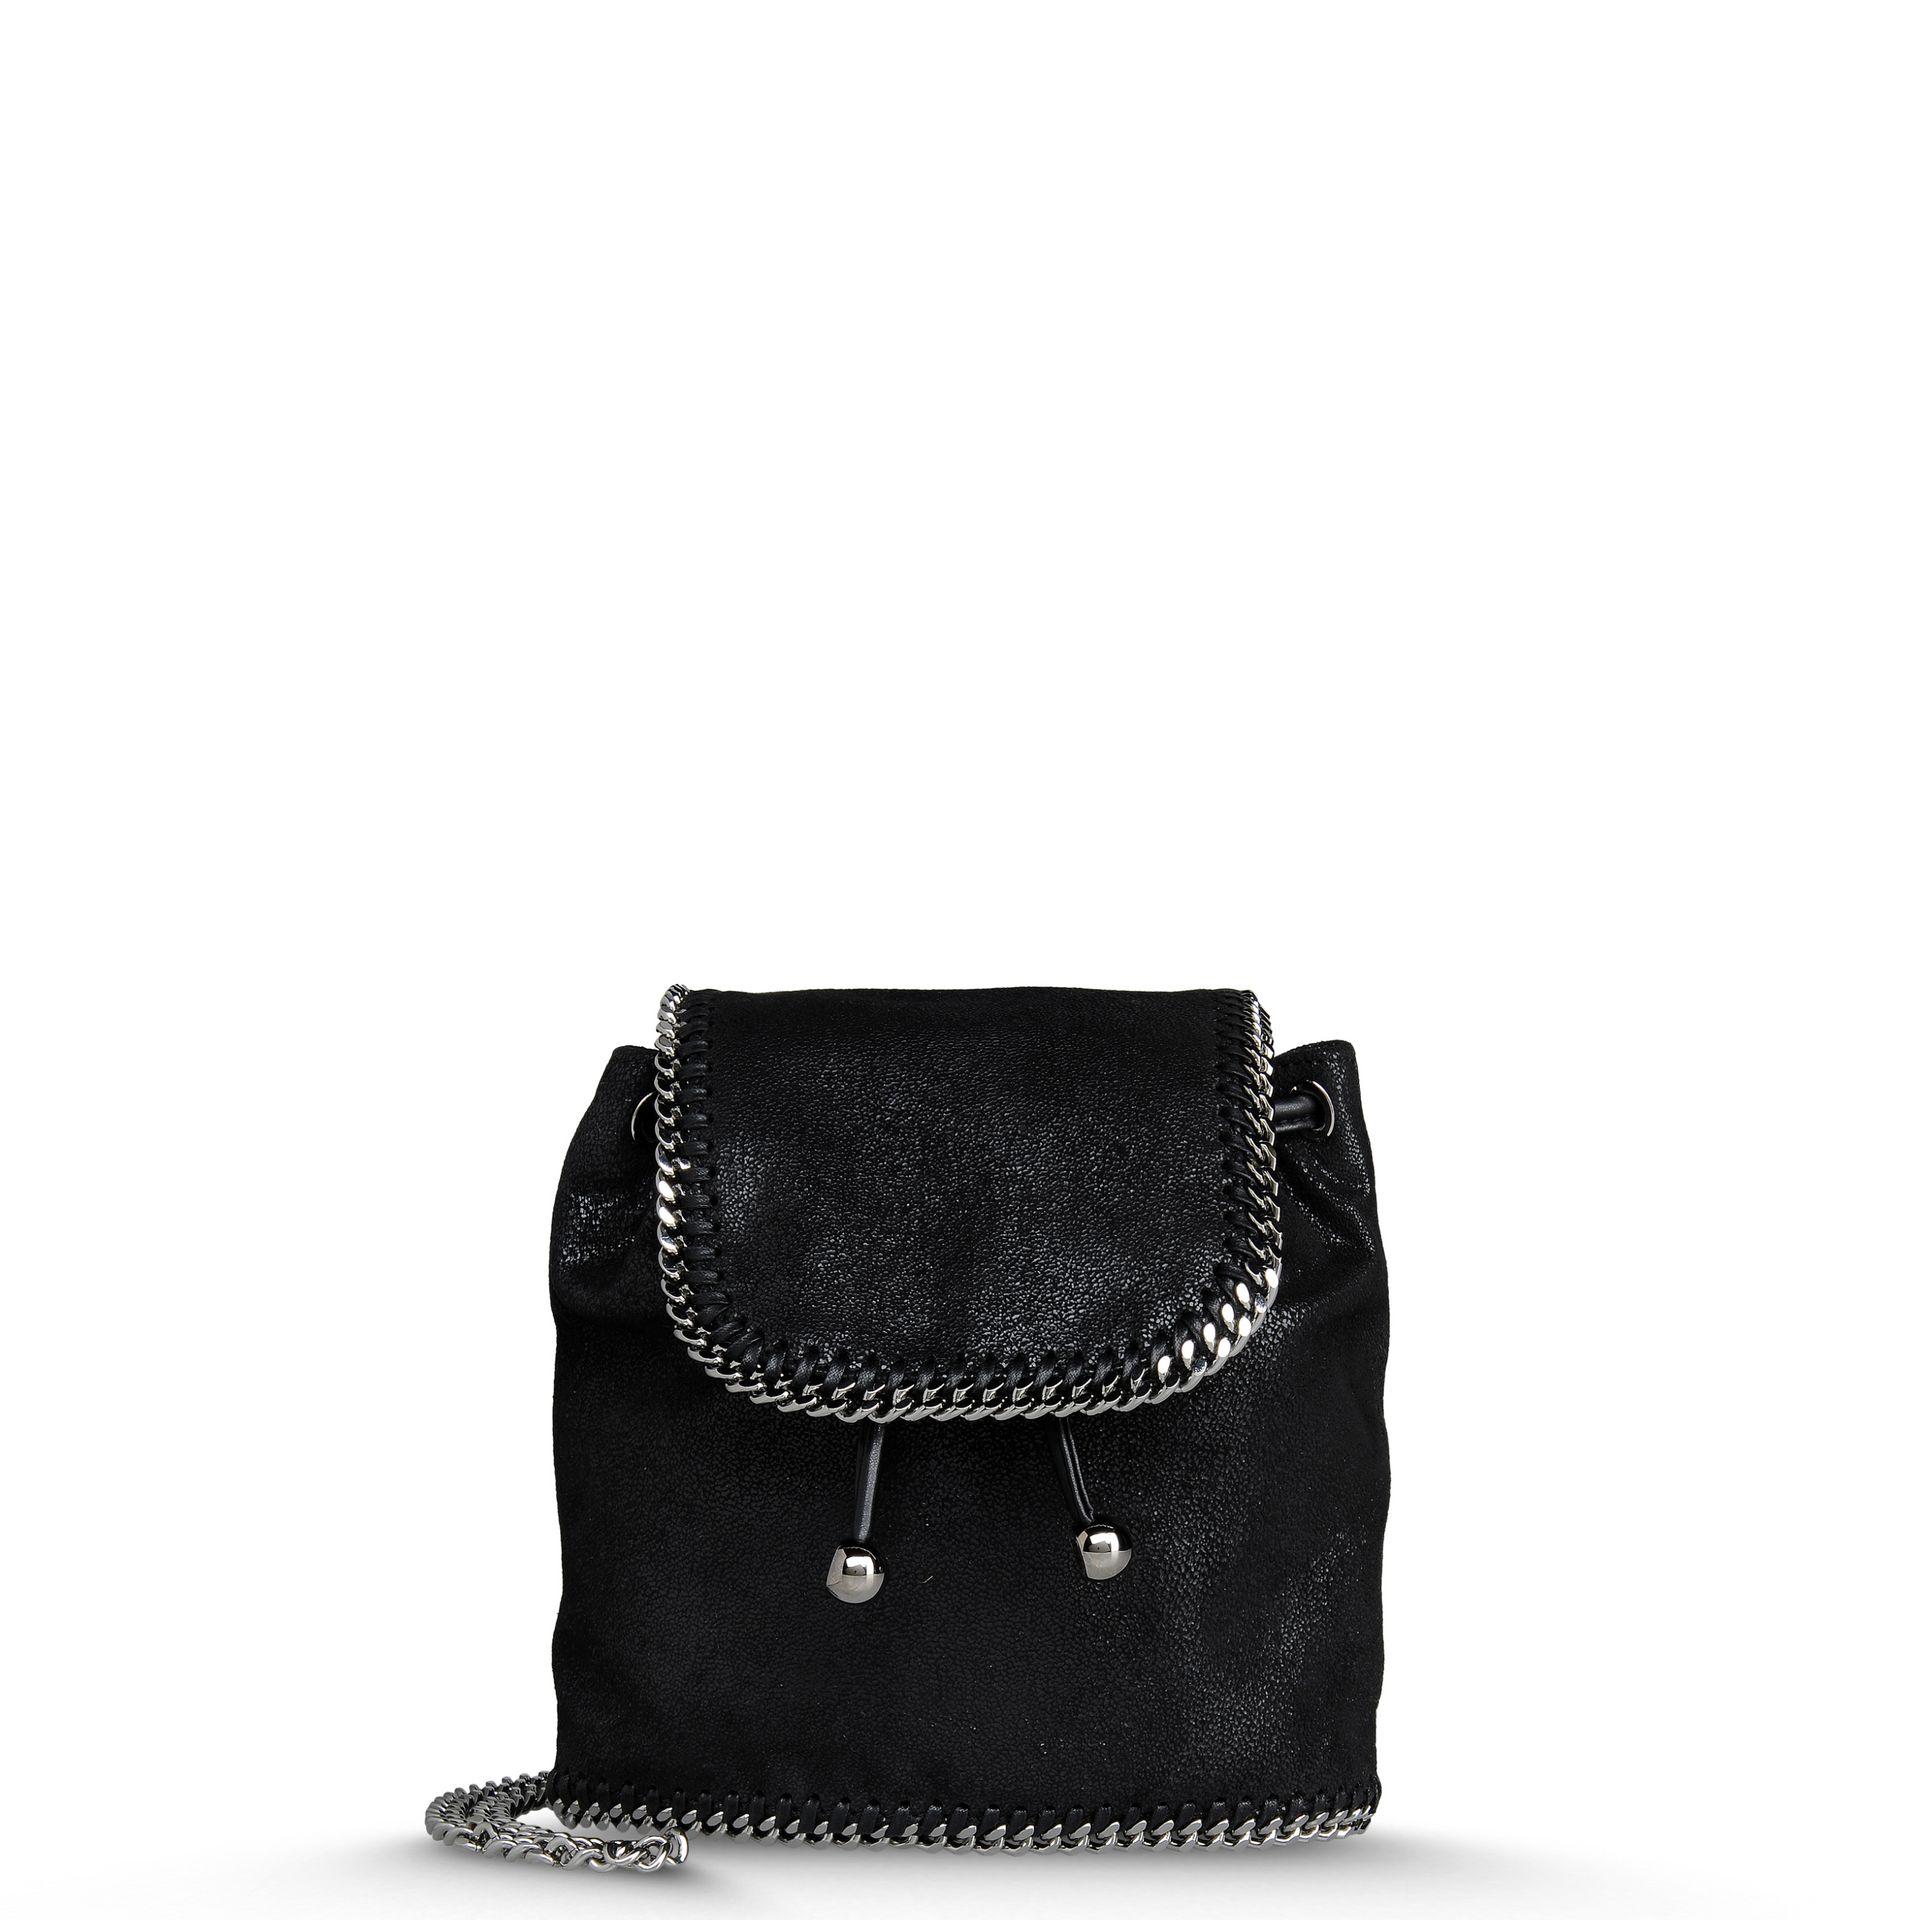 stella mccartney falabella backpack in black lyst. Black Bedroom Furniture Sets. Home Design Ideas